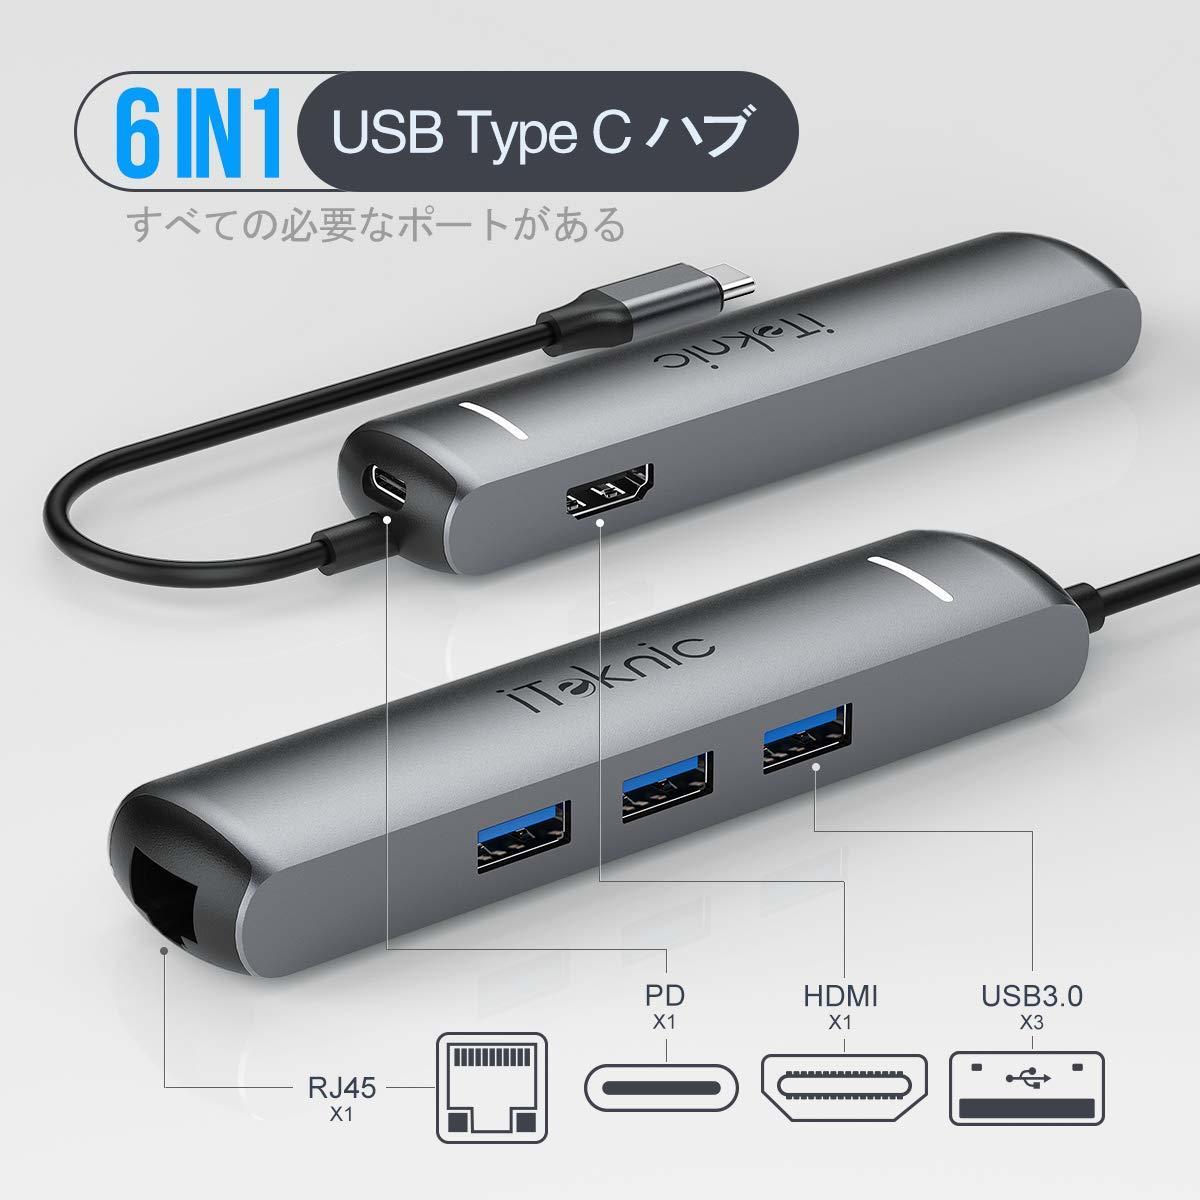 USB C ハブ Type C ハブ iTeknic USB ハブ USB 3.0ポート*3 PD充電 HDMI 4Kビデオ LANポート USBハブ 6ポート 高速データ転送 アルミニウム_画像3